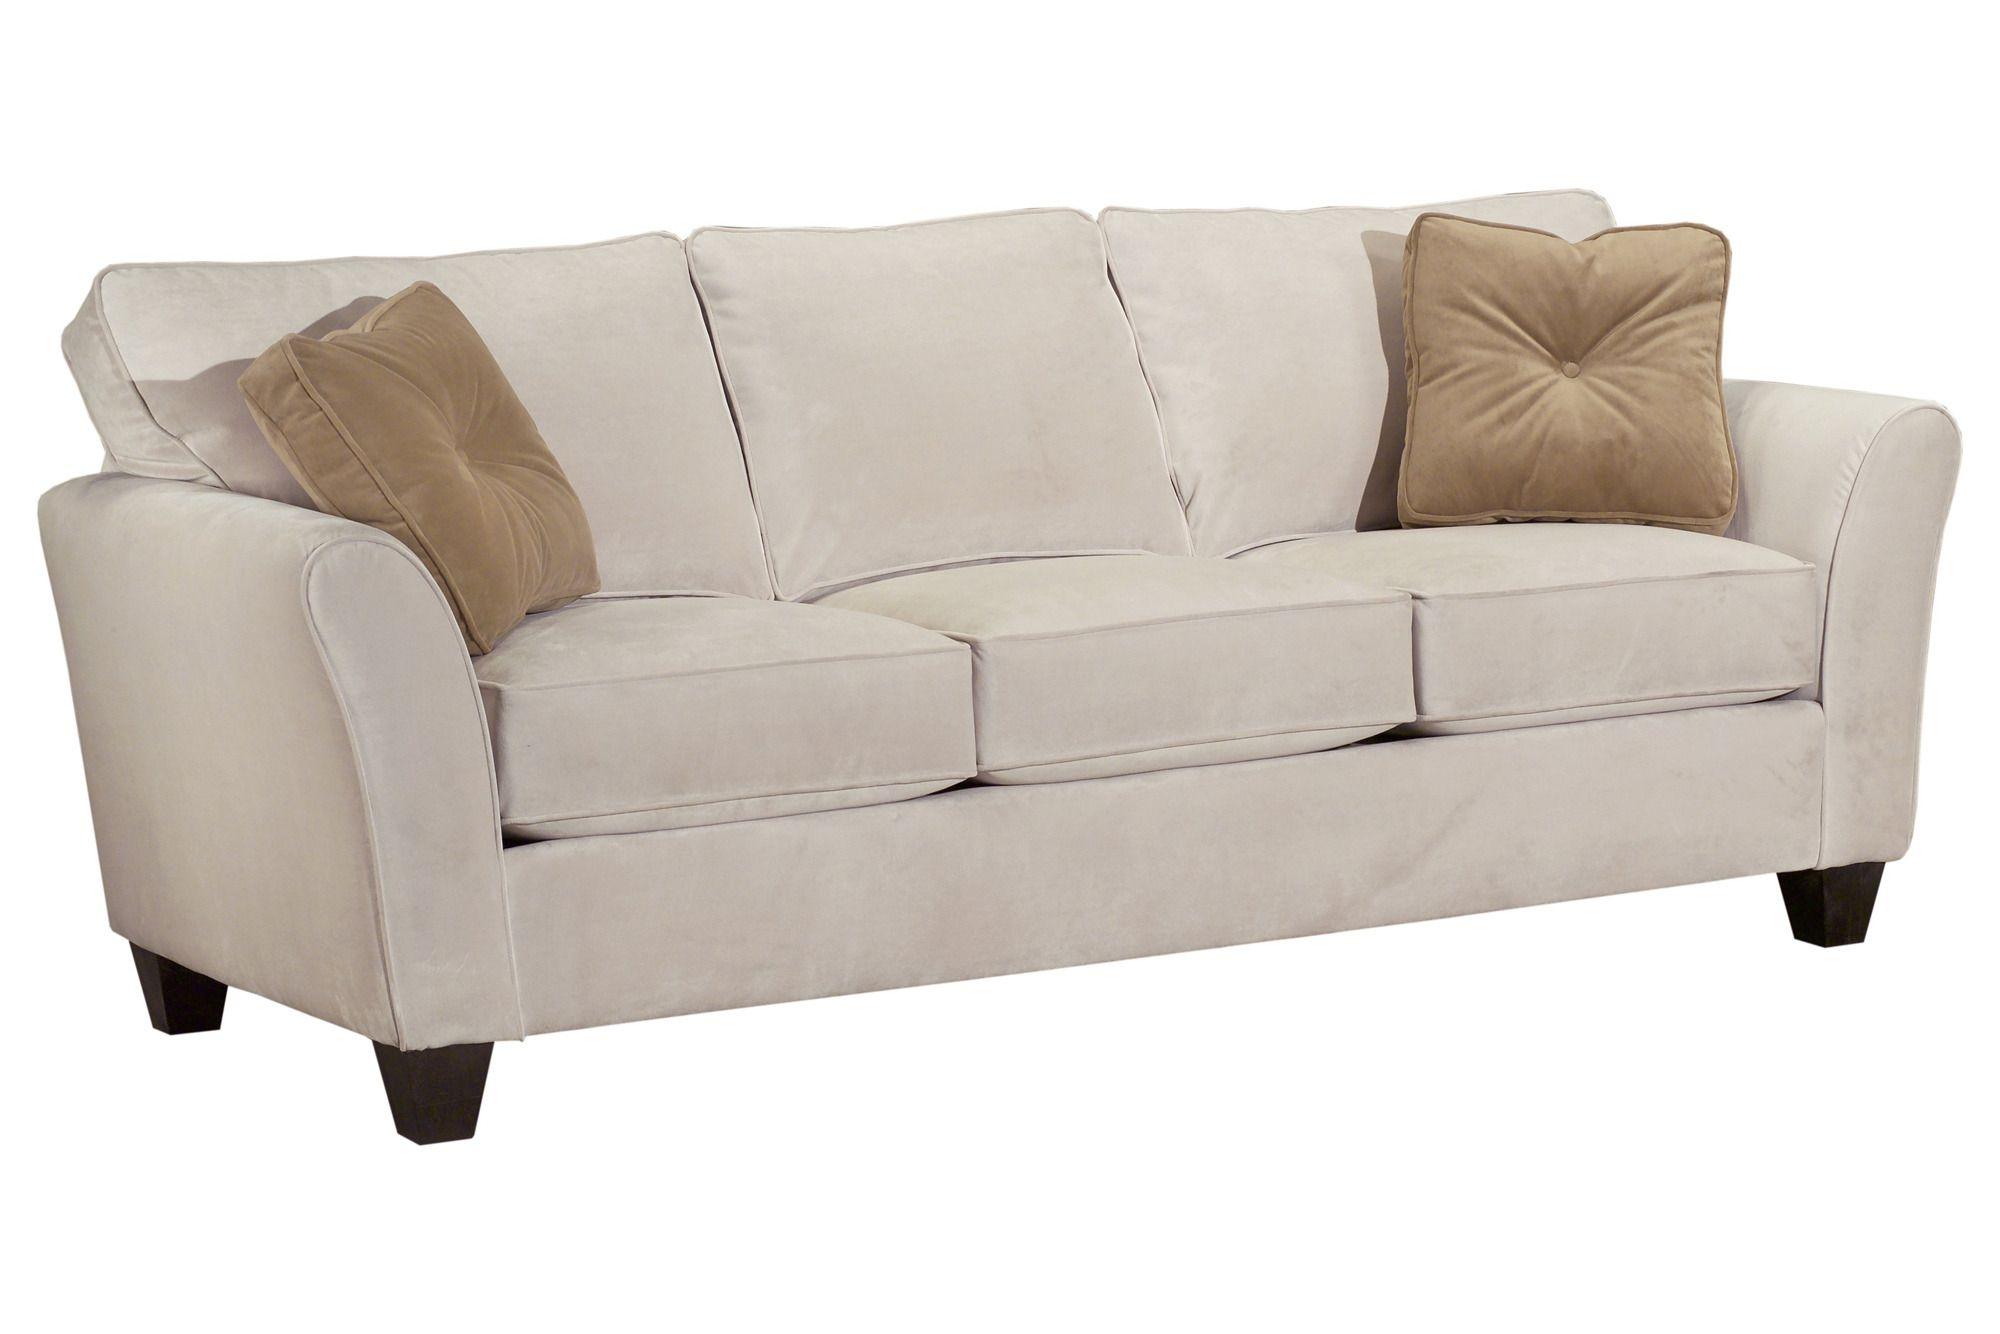 Maddie Queen Air Dream Sleeper Sofa by Broyhill Home